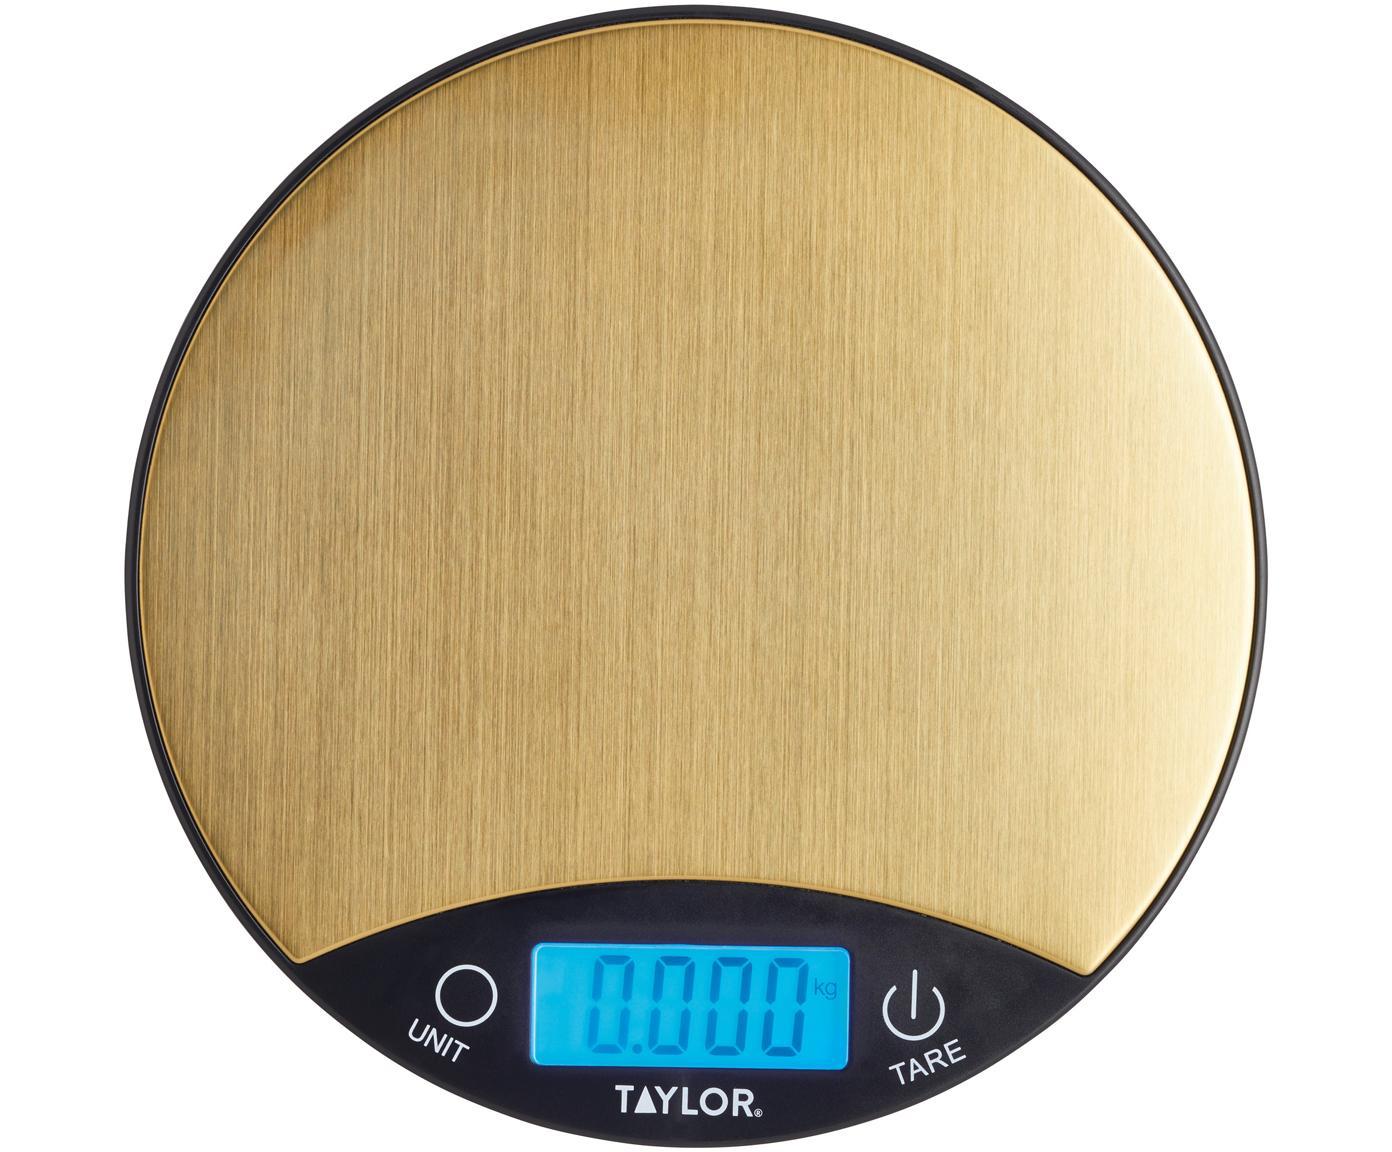 Digitale Küchenwaage Garda in Gold/Schwarz, Rostfreier Stahl, Goldfarben, Schwarz, Ø 20 cm